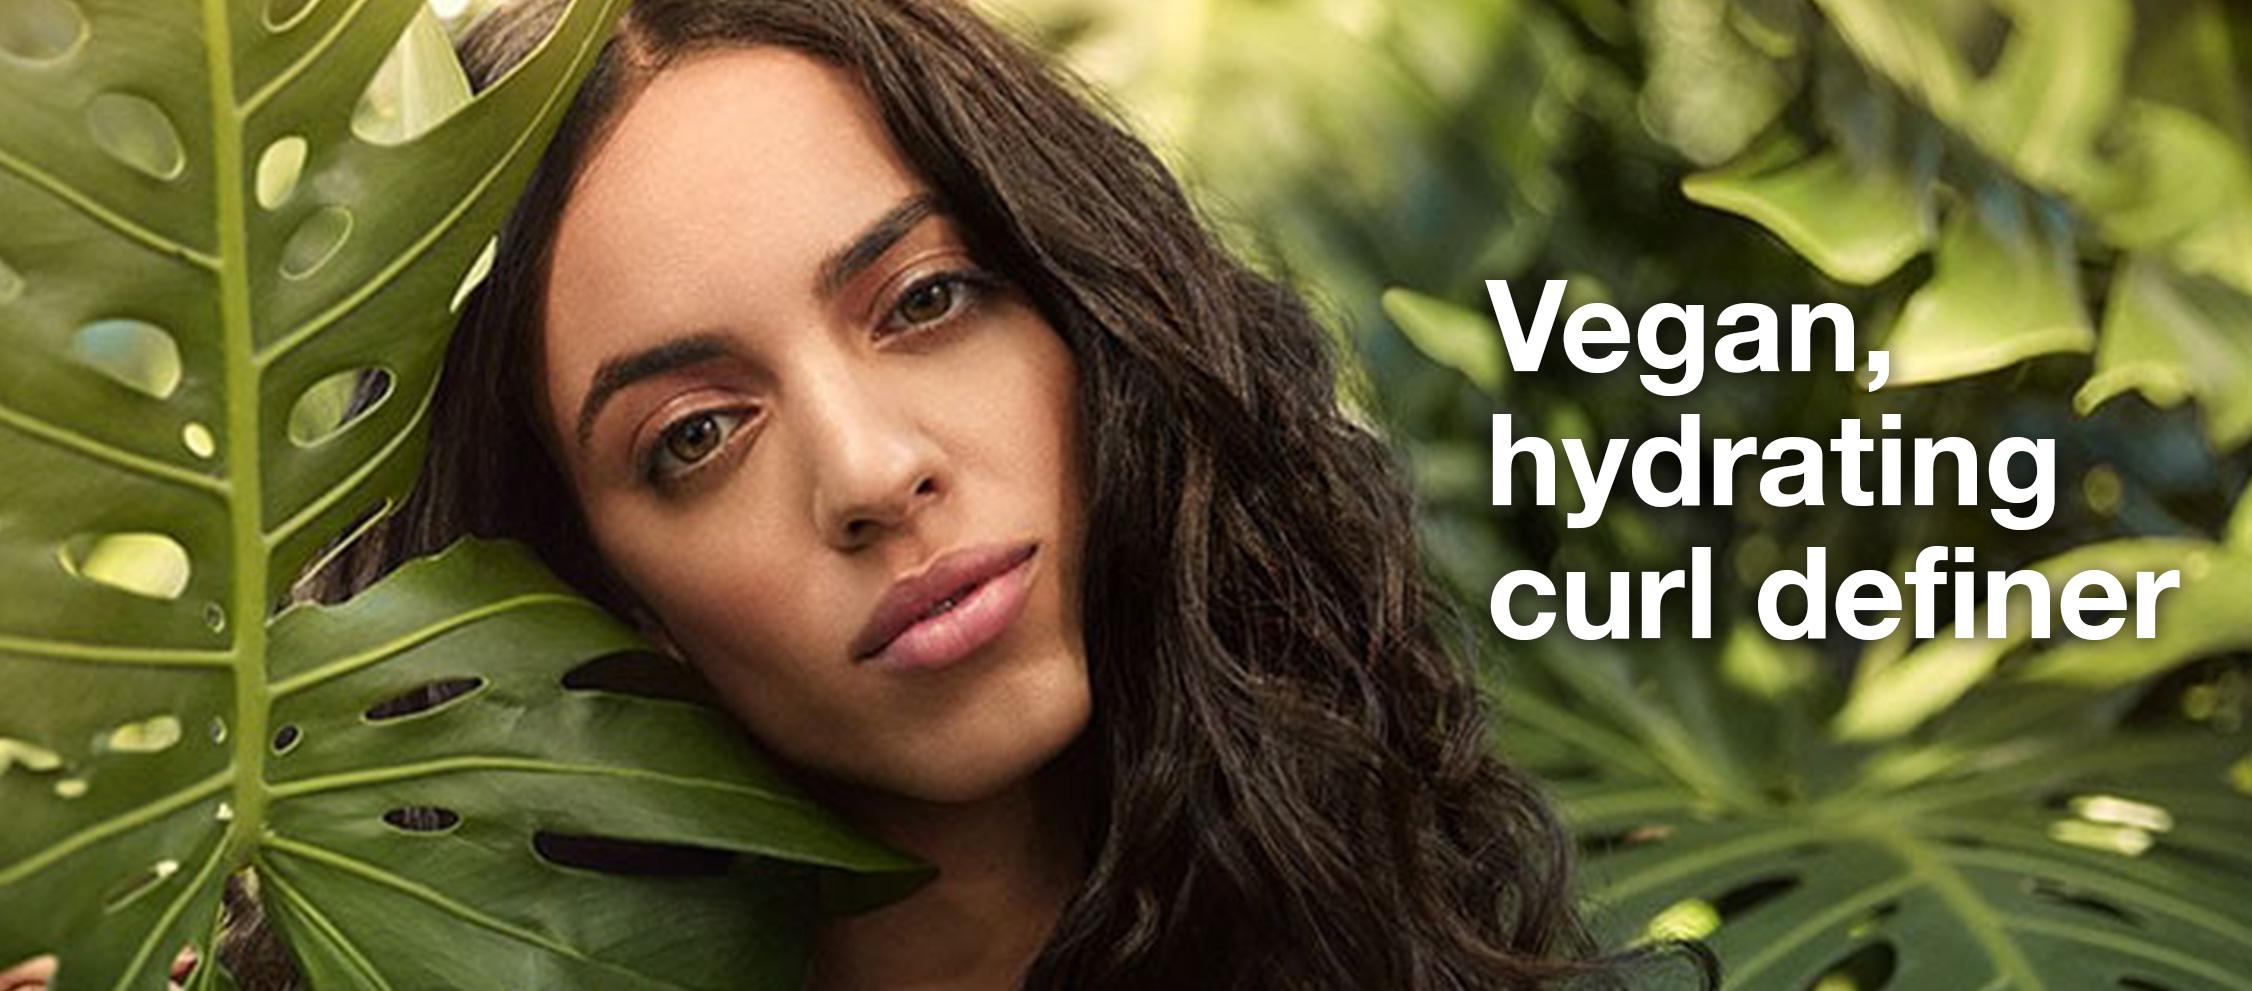 vegan hydrating curl definer